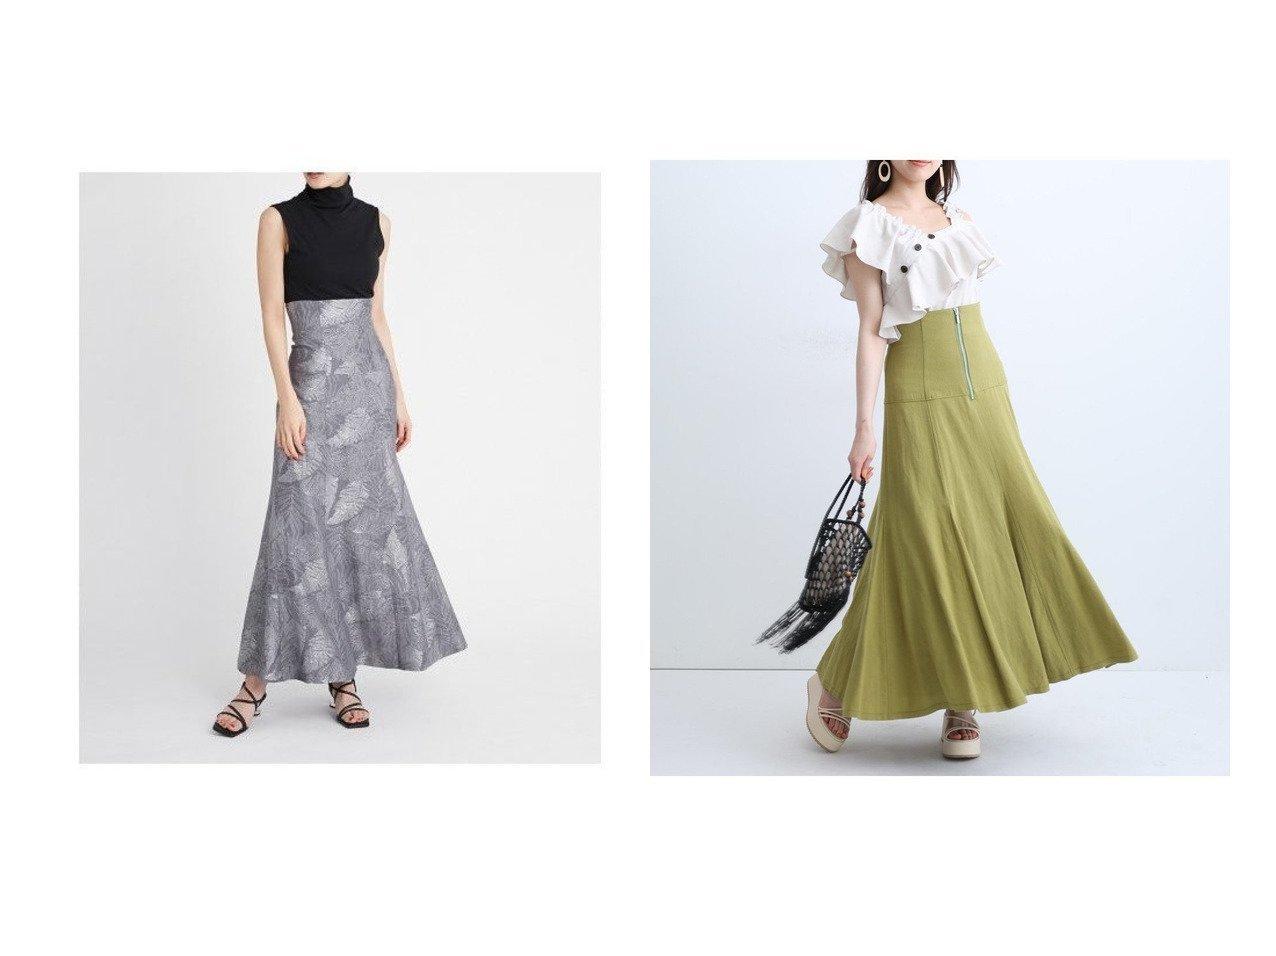 【Mystrada/マイストラーダ】のボリュームリネンフレアスカート&【FRAY I.D/フレイ アイディー】のリーフジャガードナロースカート 【スカート】おすすめ!人気トレンド・レディースファッション通販 おすすめで人気の流行・トレンド、ファッションの通販商品 インテリア・家具・メンズファッション・キッズファッション・レディースファッション・服の通販 founy(ファニー) https://founy.com/ ファッション Fashion レディースファッション WOMEN スカート Skirt Aライン/フレアスカート Flared A-Line Skirts コルセット ストレート スマート ヨーク リーフ レース 再入荷 Restock/Back in Stock/Re Arrival 夏 Summer ギャザー フォルム フレア リネン  ID:crp329100000052933